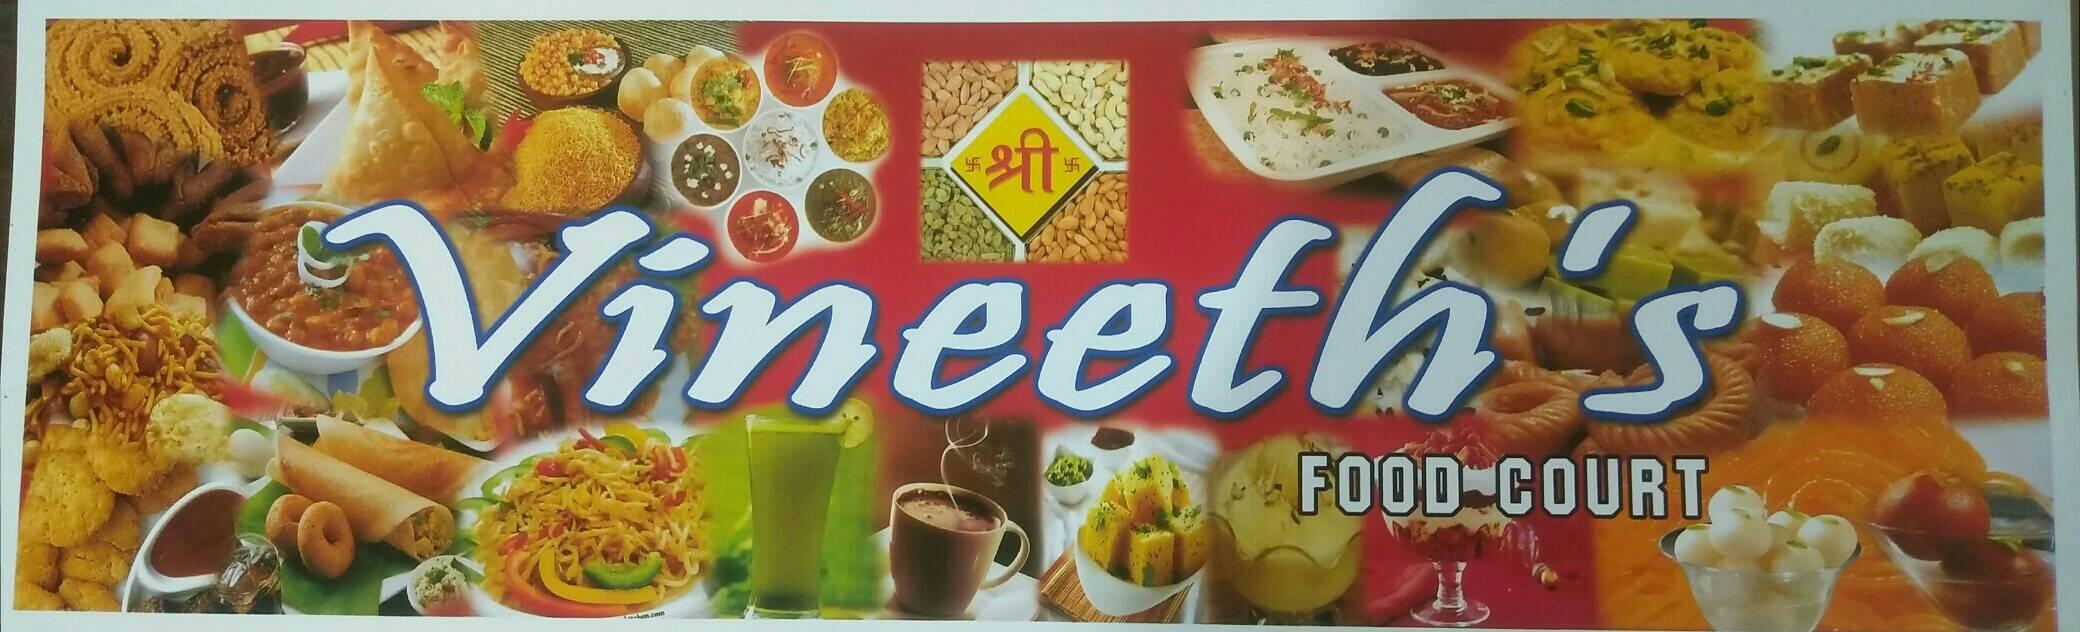 Shree Vineeth